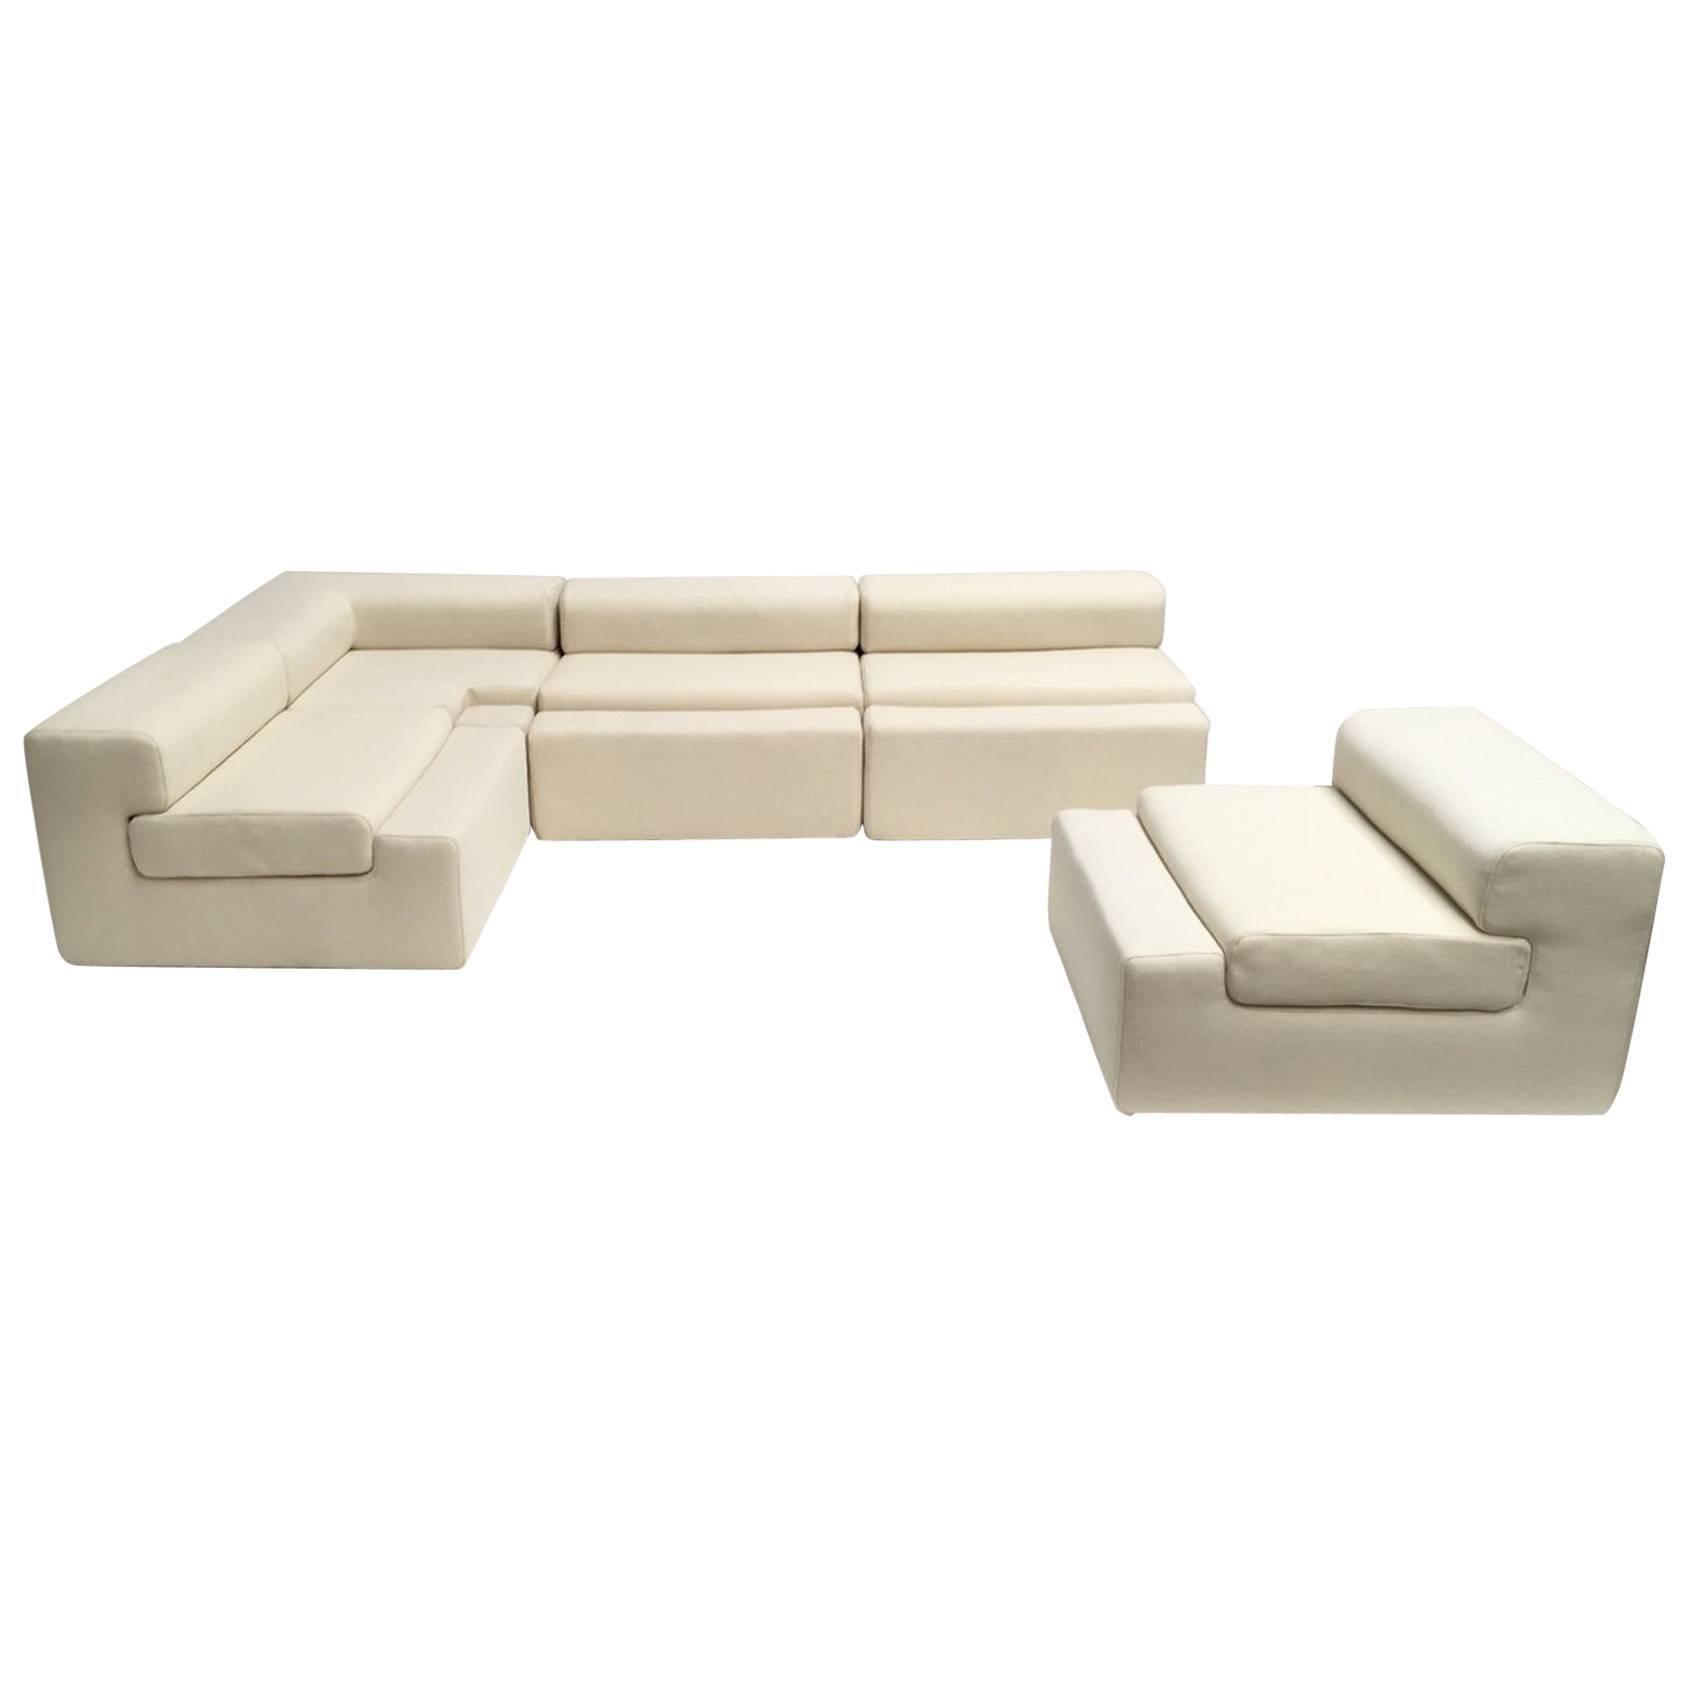 Unique Modular Sofa By Mangiarotti From The U0027Casa Vitaleu0027, 1969 With  Certificate